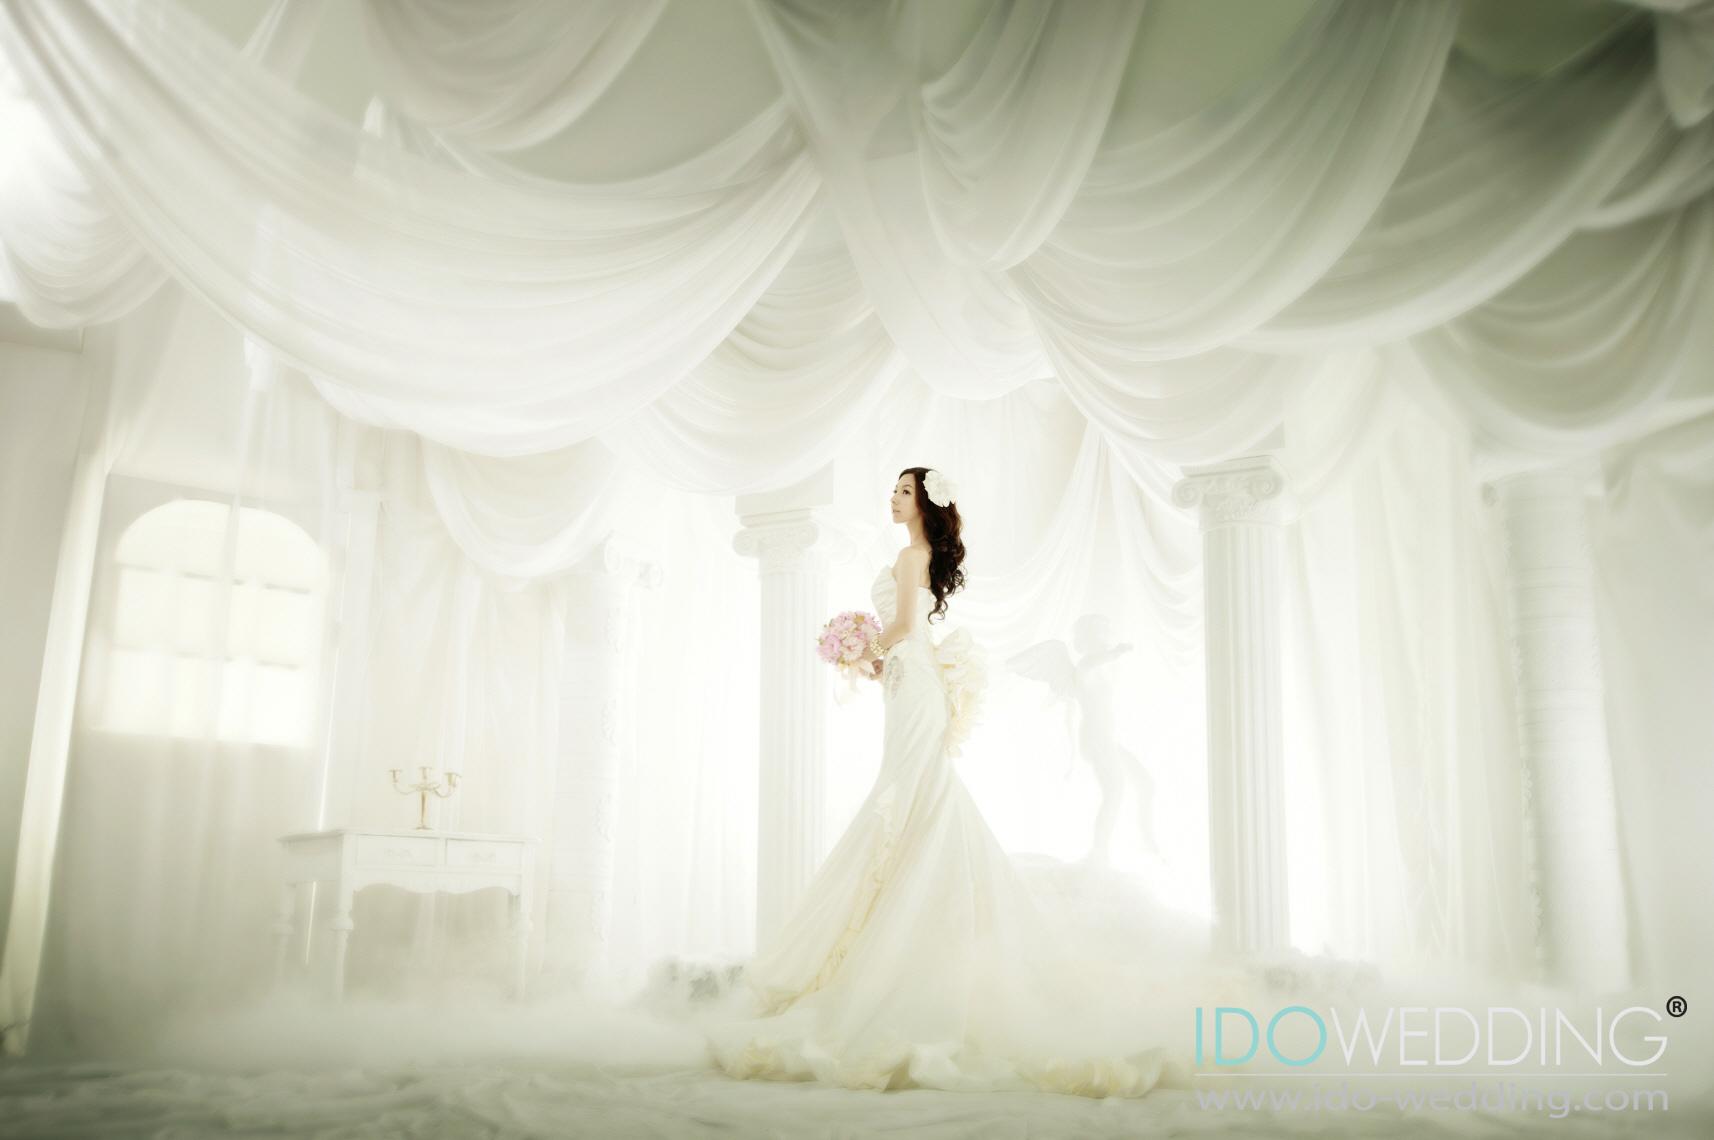 Korean Wedding Photo Iln008